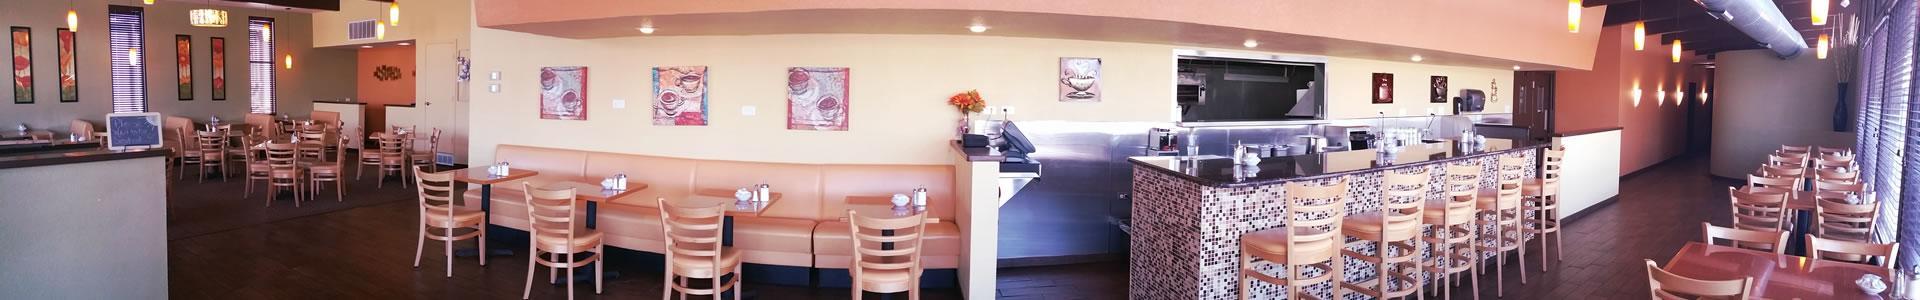 Goody's Eatery Denver